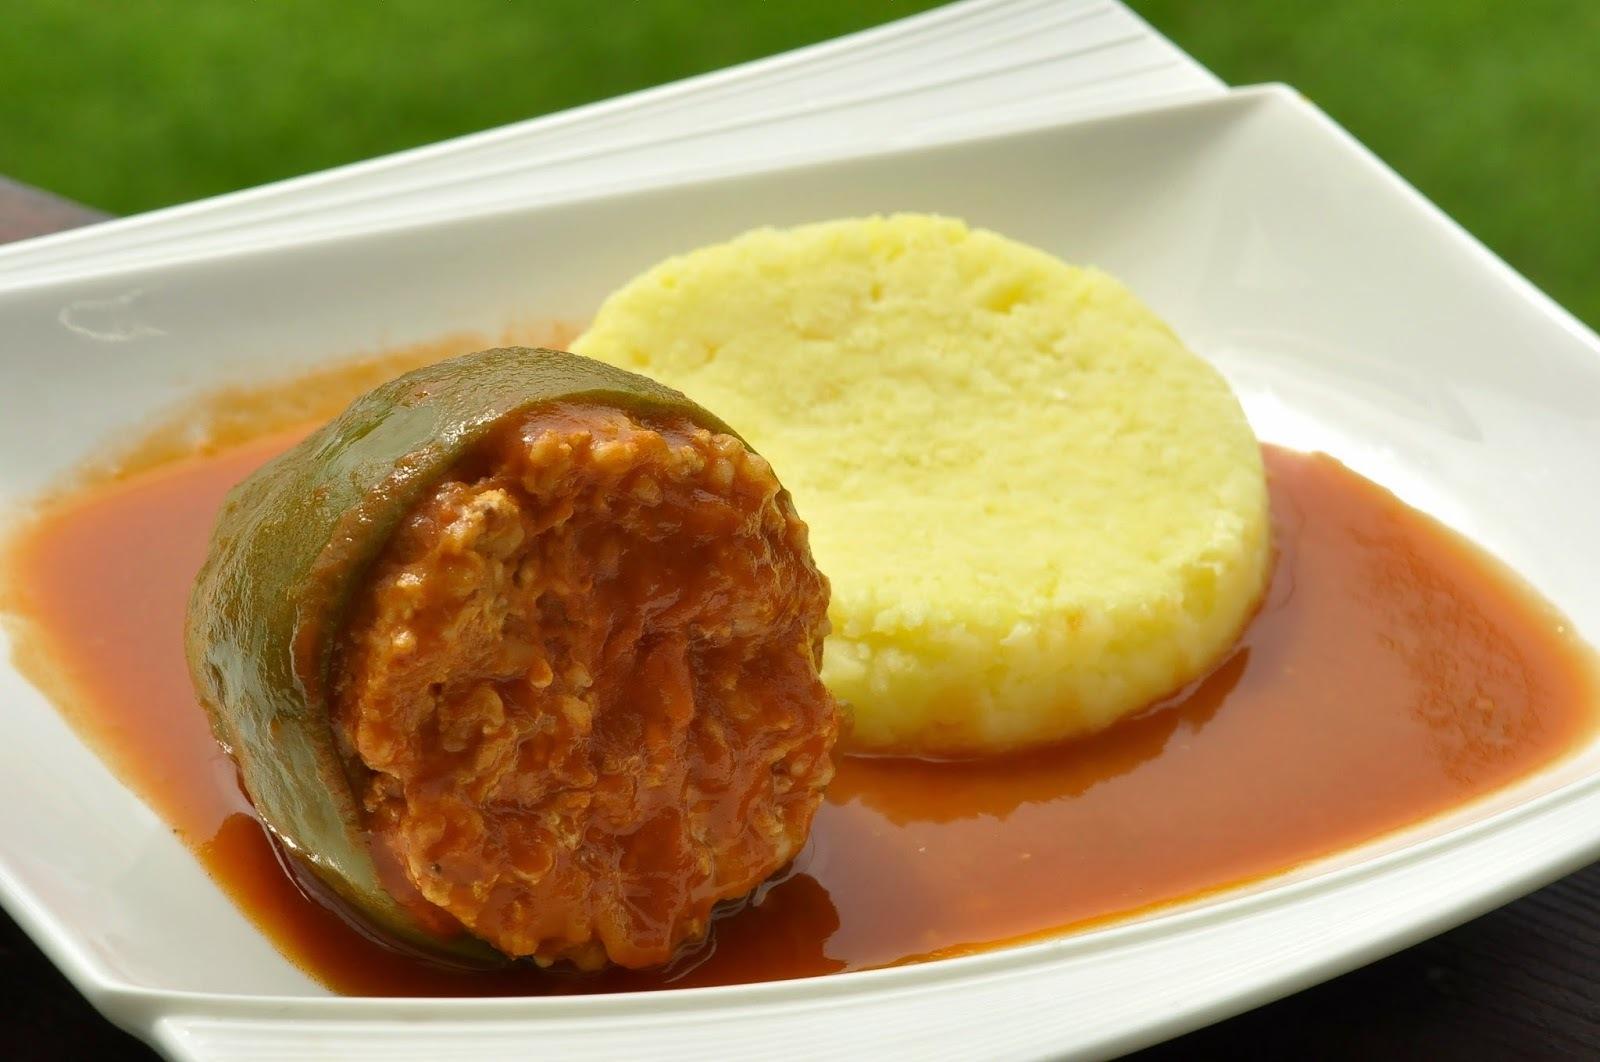 Paprika plnená bulgurom a údeným tofu v paradajkovej omáčke